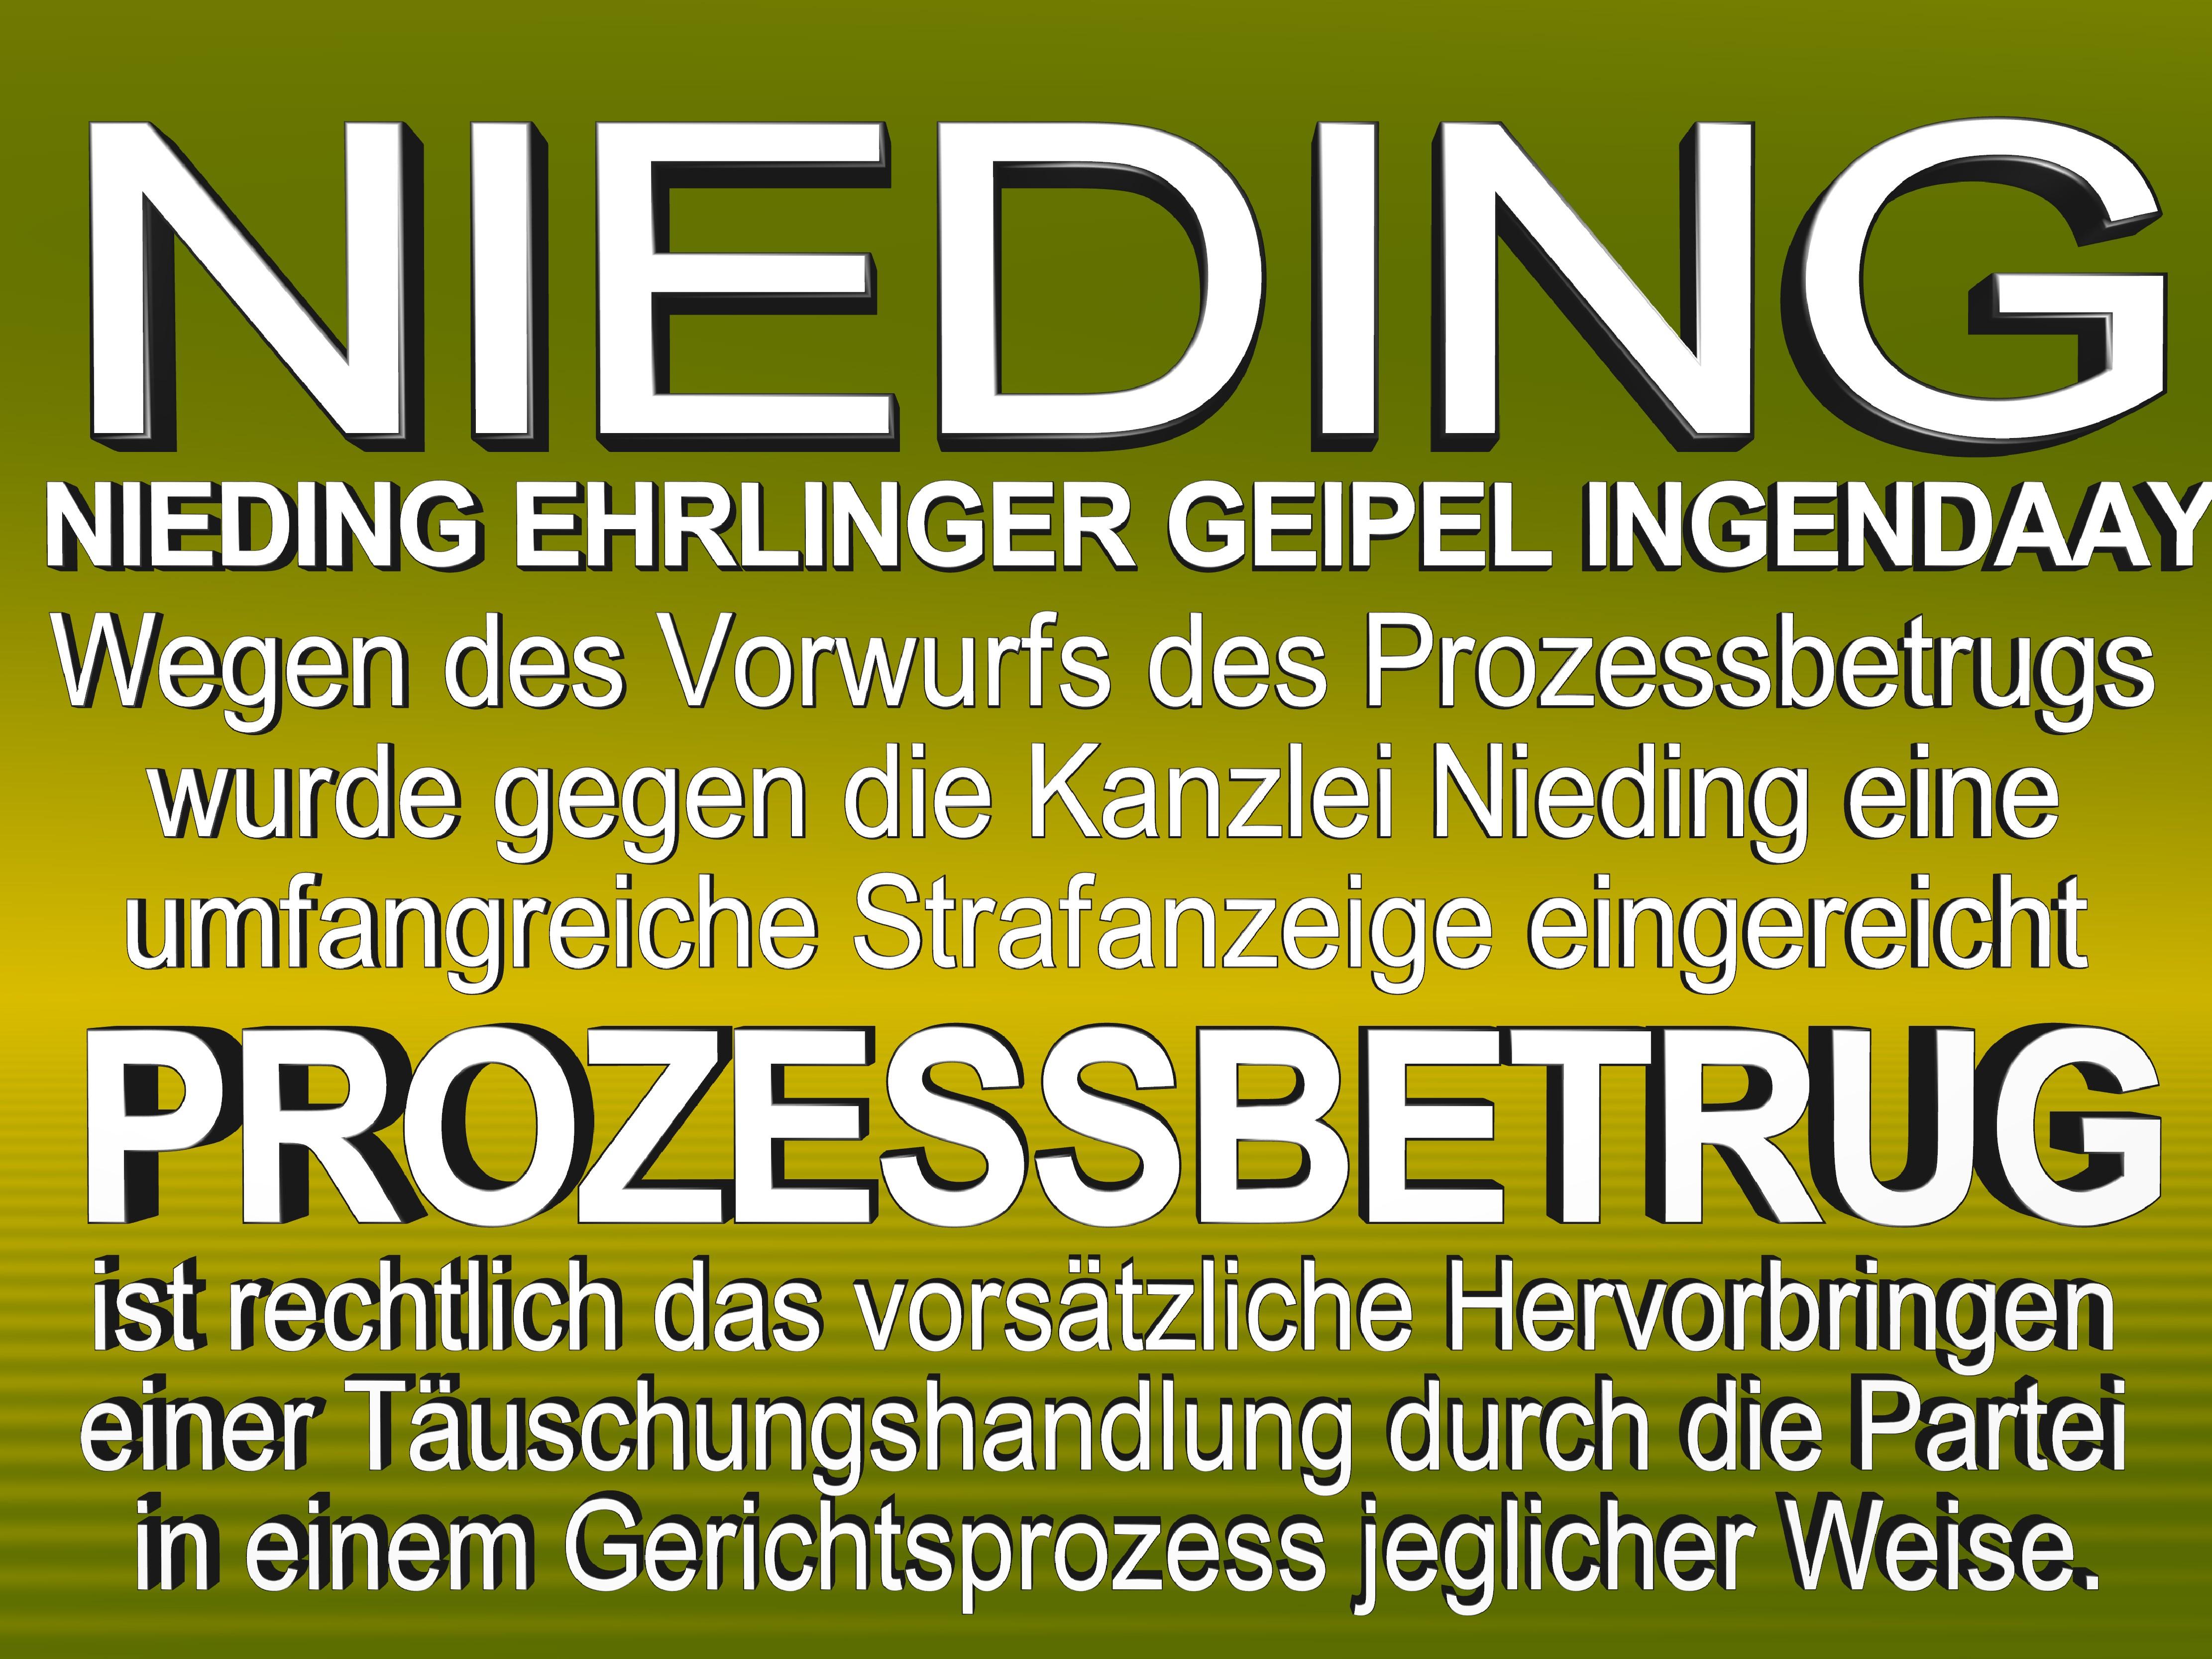 NIEDING EHRLINGER GEIPEL INGENDAAY LELKE Kurfürstendamm 66 Berlin (92)